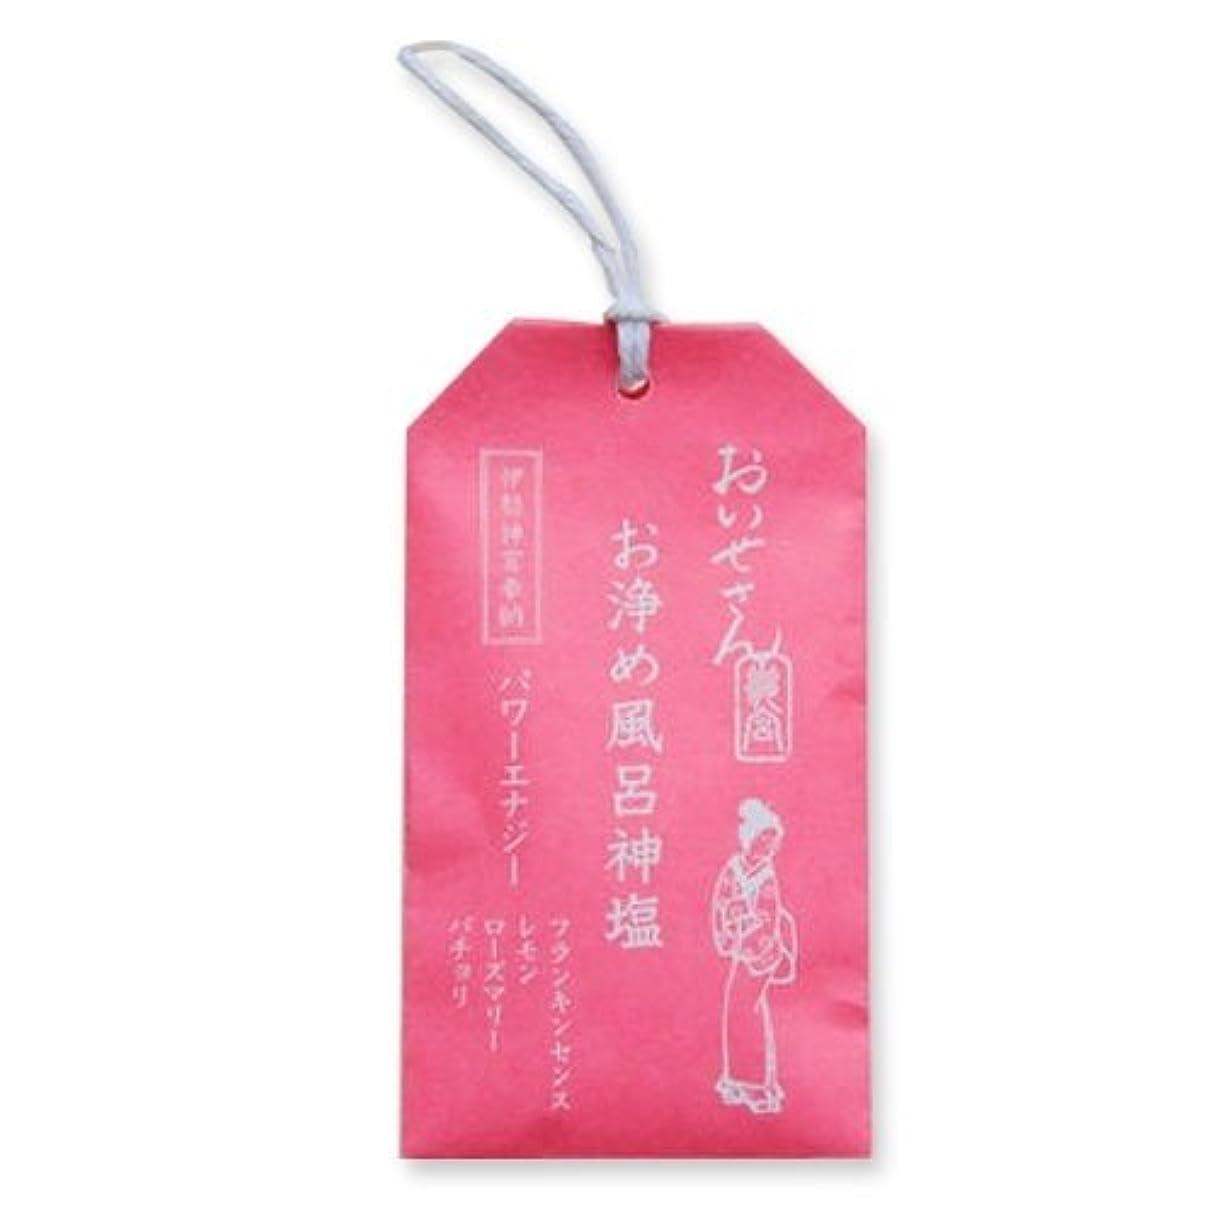 溶かす欠点カリングおいせさん お浄め風呂神塩 バス用ソルト(パワーエナジー) 20g